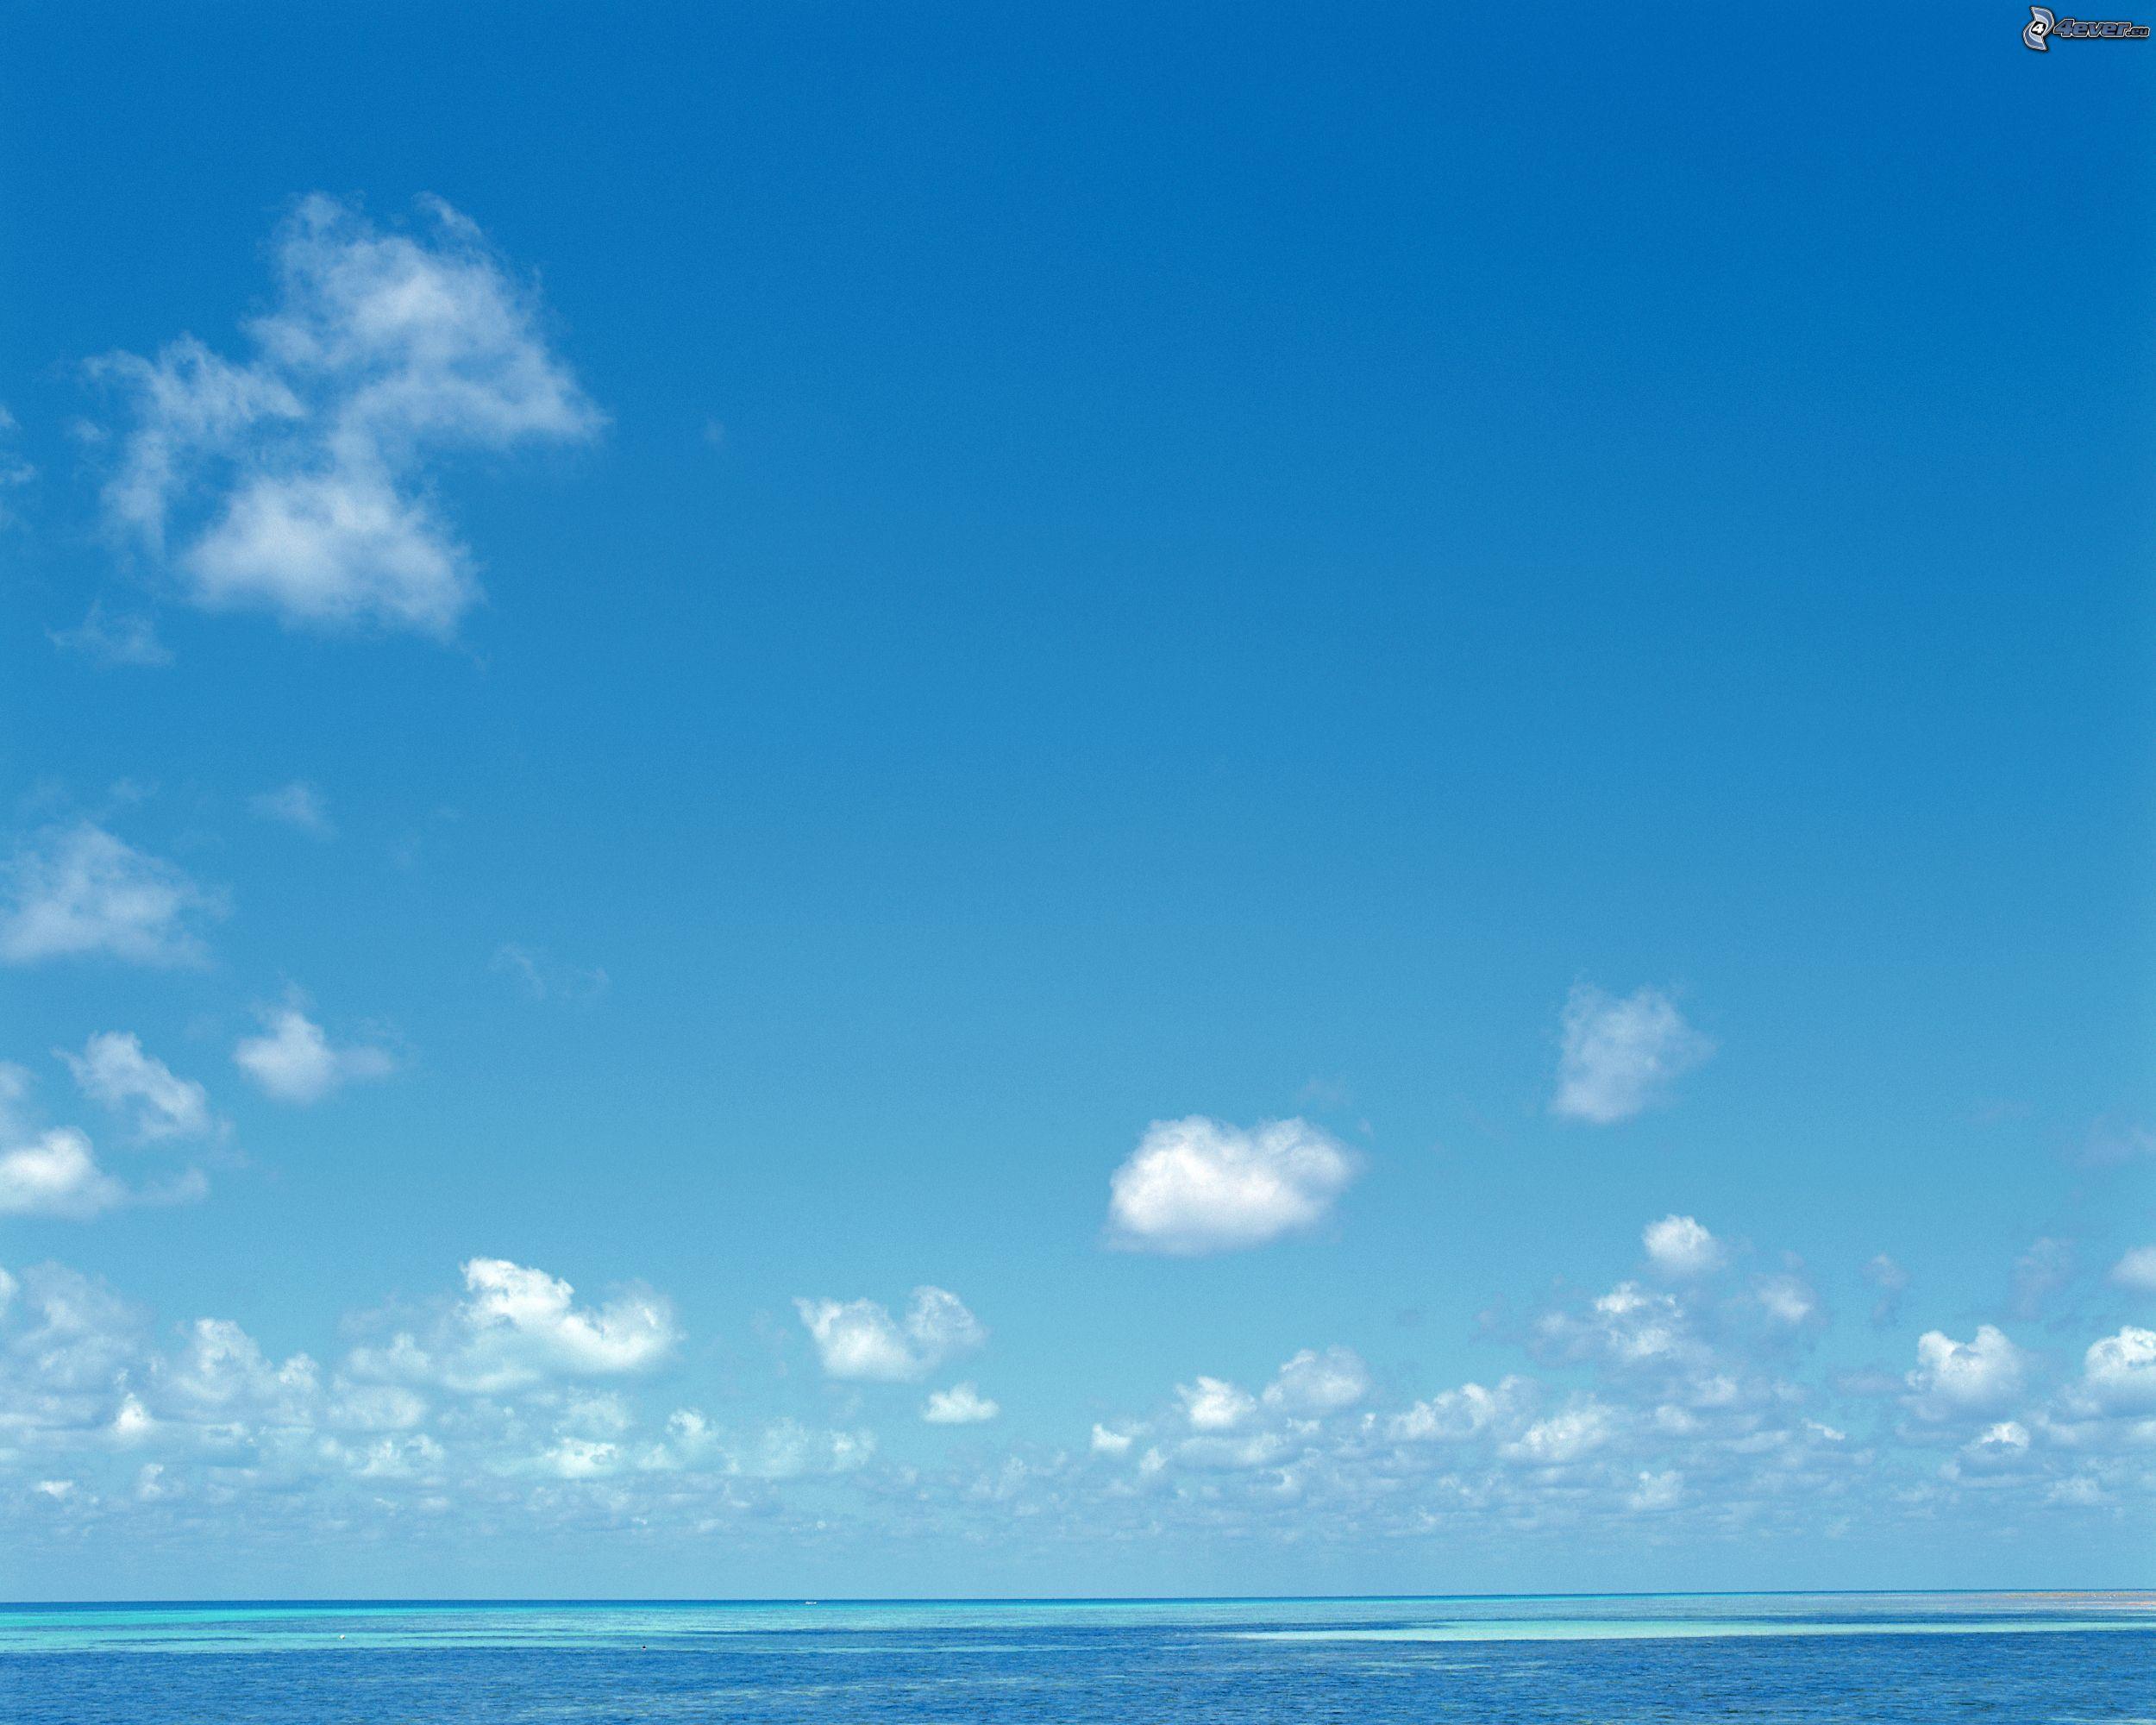 La mer azur e en t - Image ciel bleu clair ...